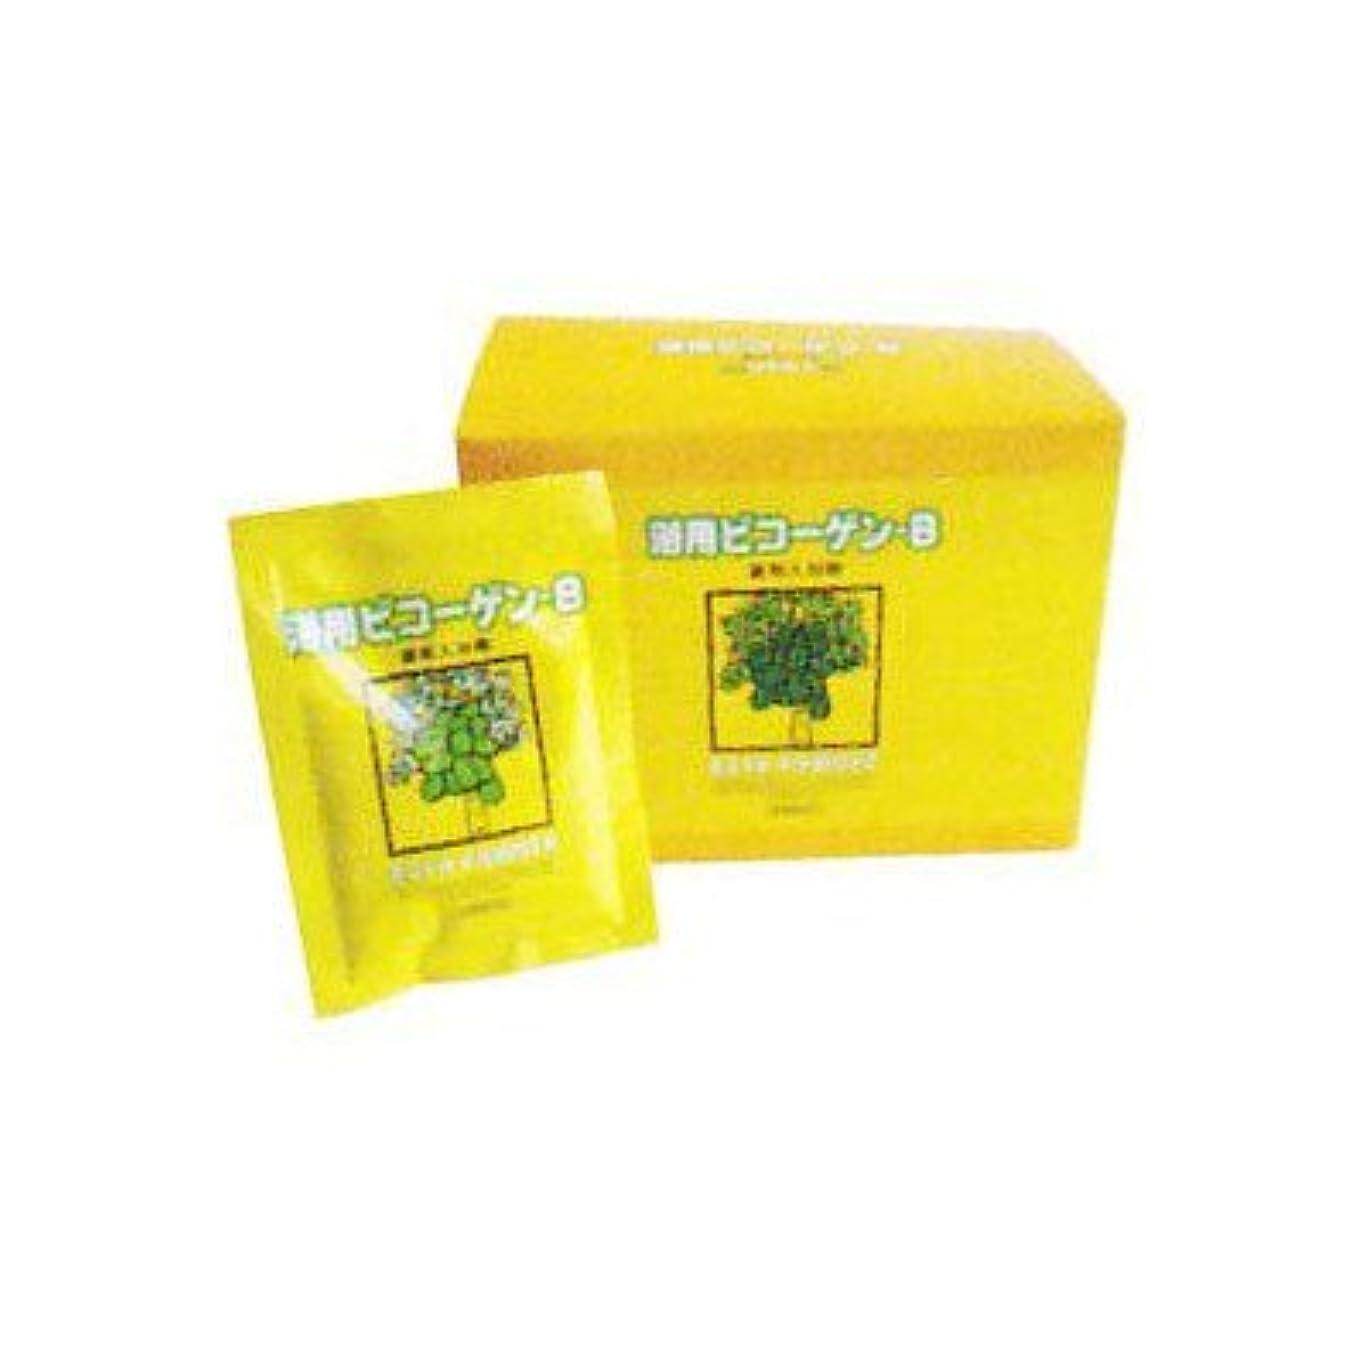 定期的に絶えずカーフ酸素入浴剤 リアル 浴用 ビコーゲン B 分包タイプ a221074